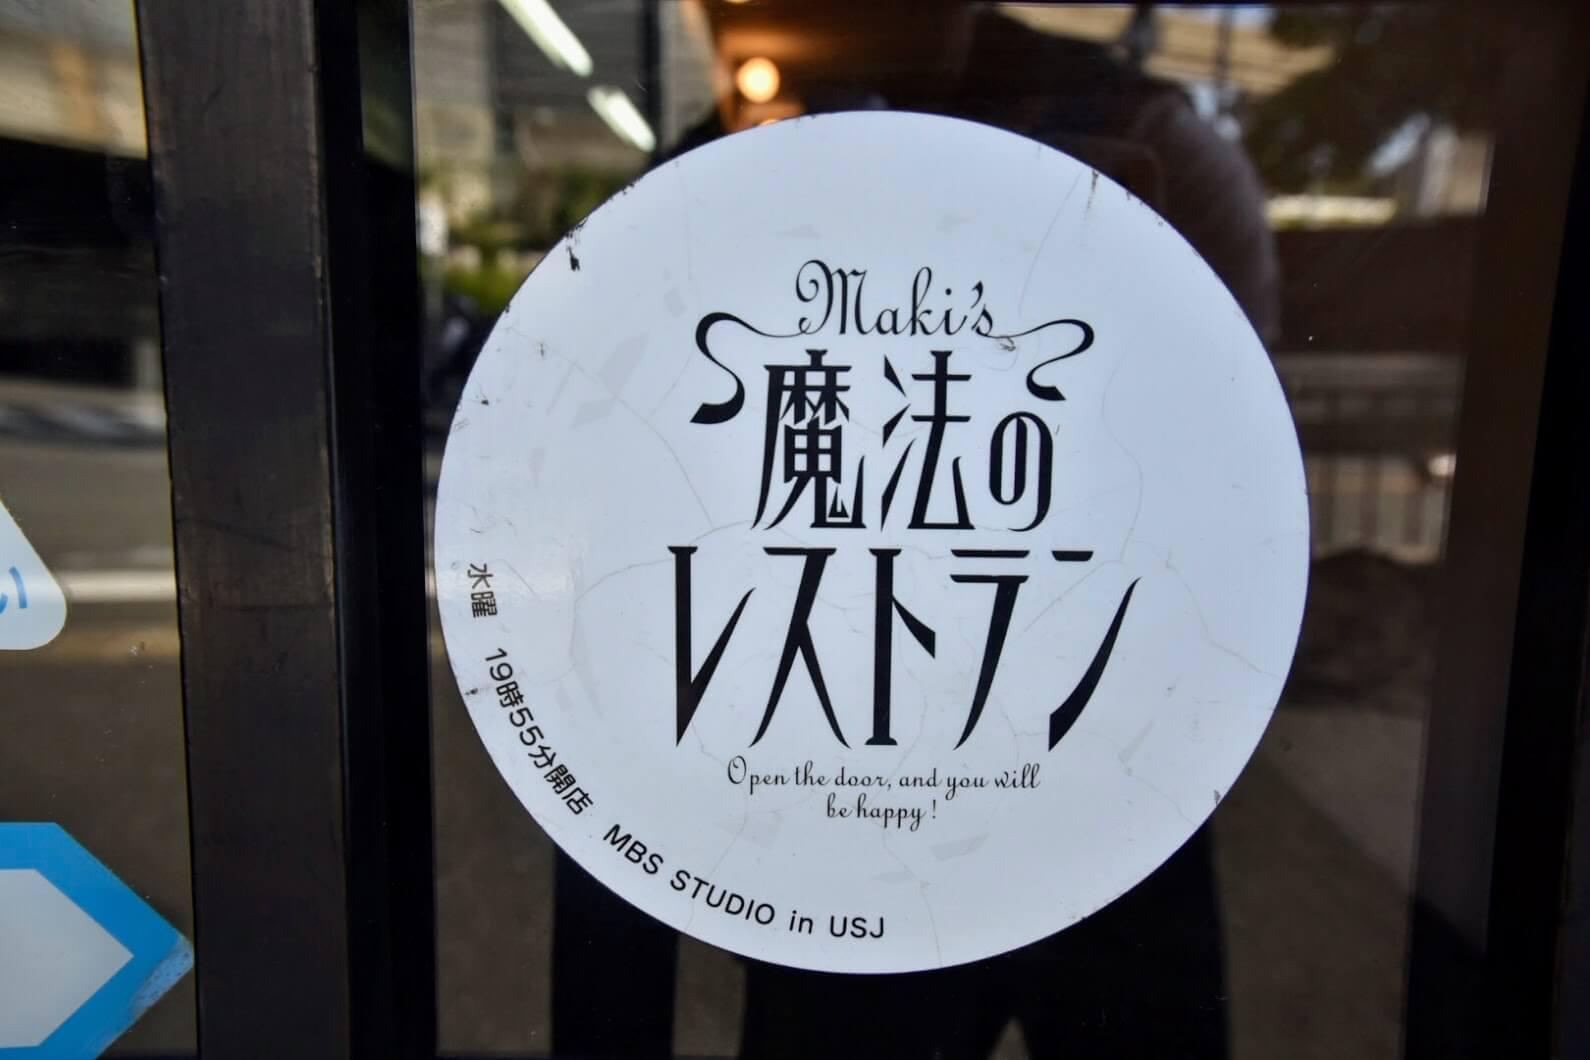 松坂牛麺の魔法のレストランステッカー